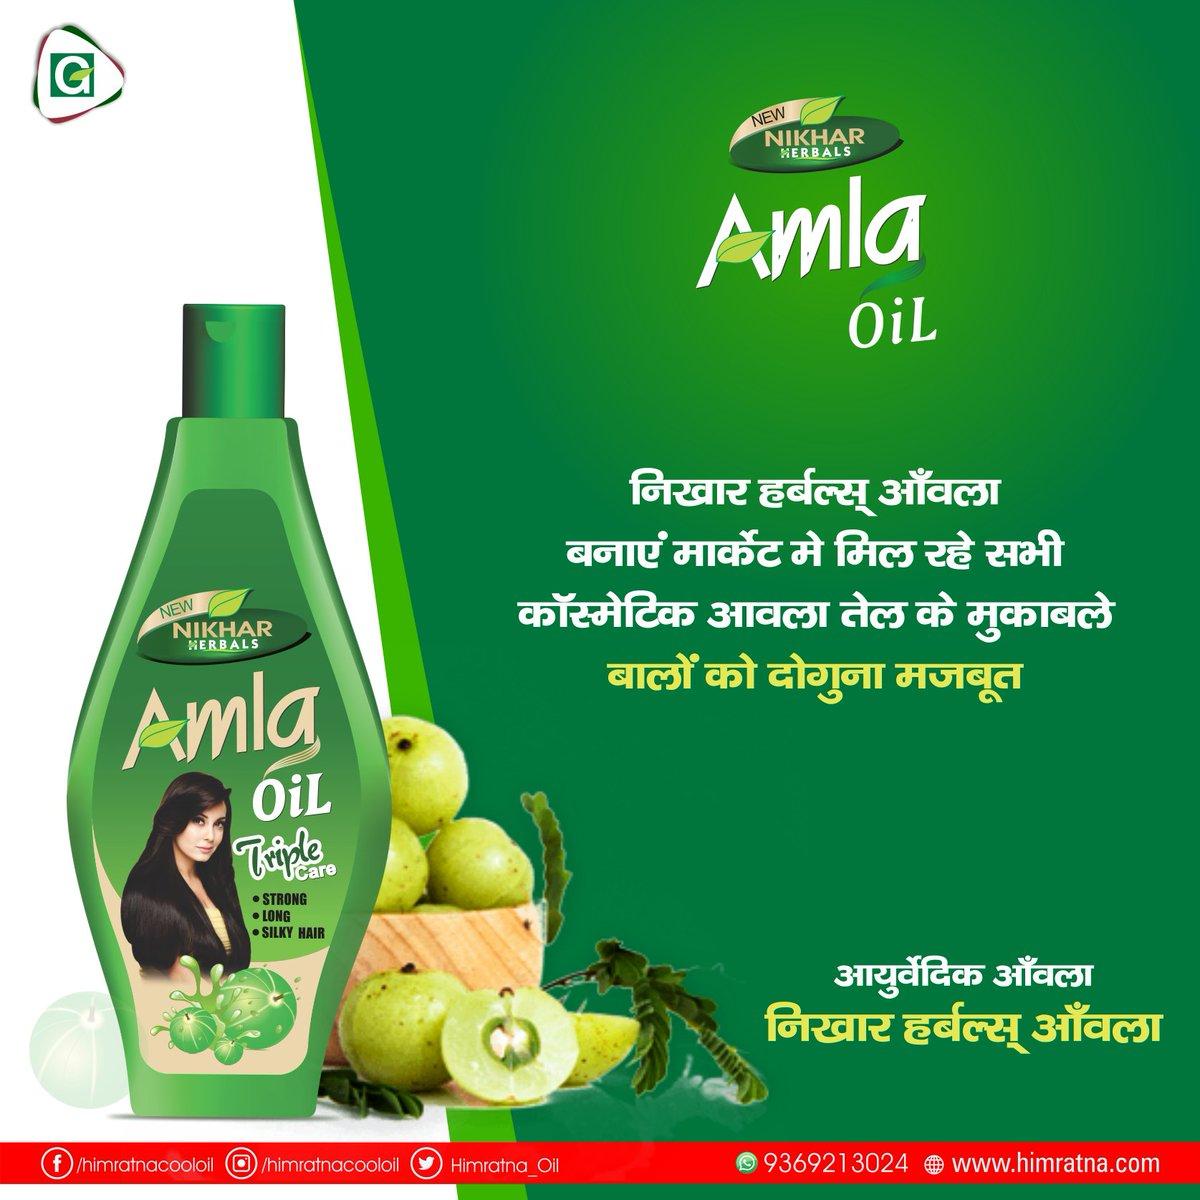 निखार हर्बल्स आवला तेल असली आयुर्वेदिक आवला तेल  निखार हर्बल्स आवला तेल बनाएं बाजार में मिलरहे सभी कॉस्मेटिक आवला तेल के मुकाबले बालों को दोगुना मजबूत  Call: 9335048212, 8887724109 Email: care@himratna .com Visit:  http://www.himratna.com    #Herbal  #Ayurvedic  #AmlaOil